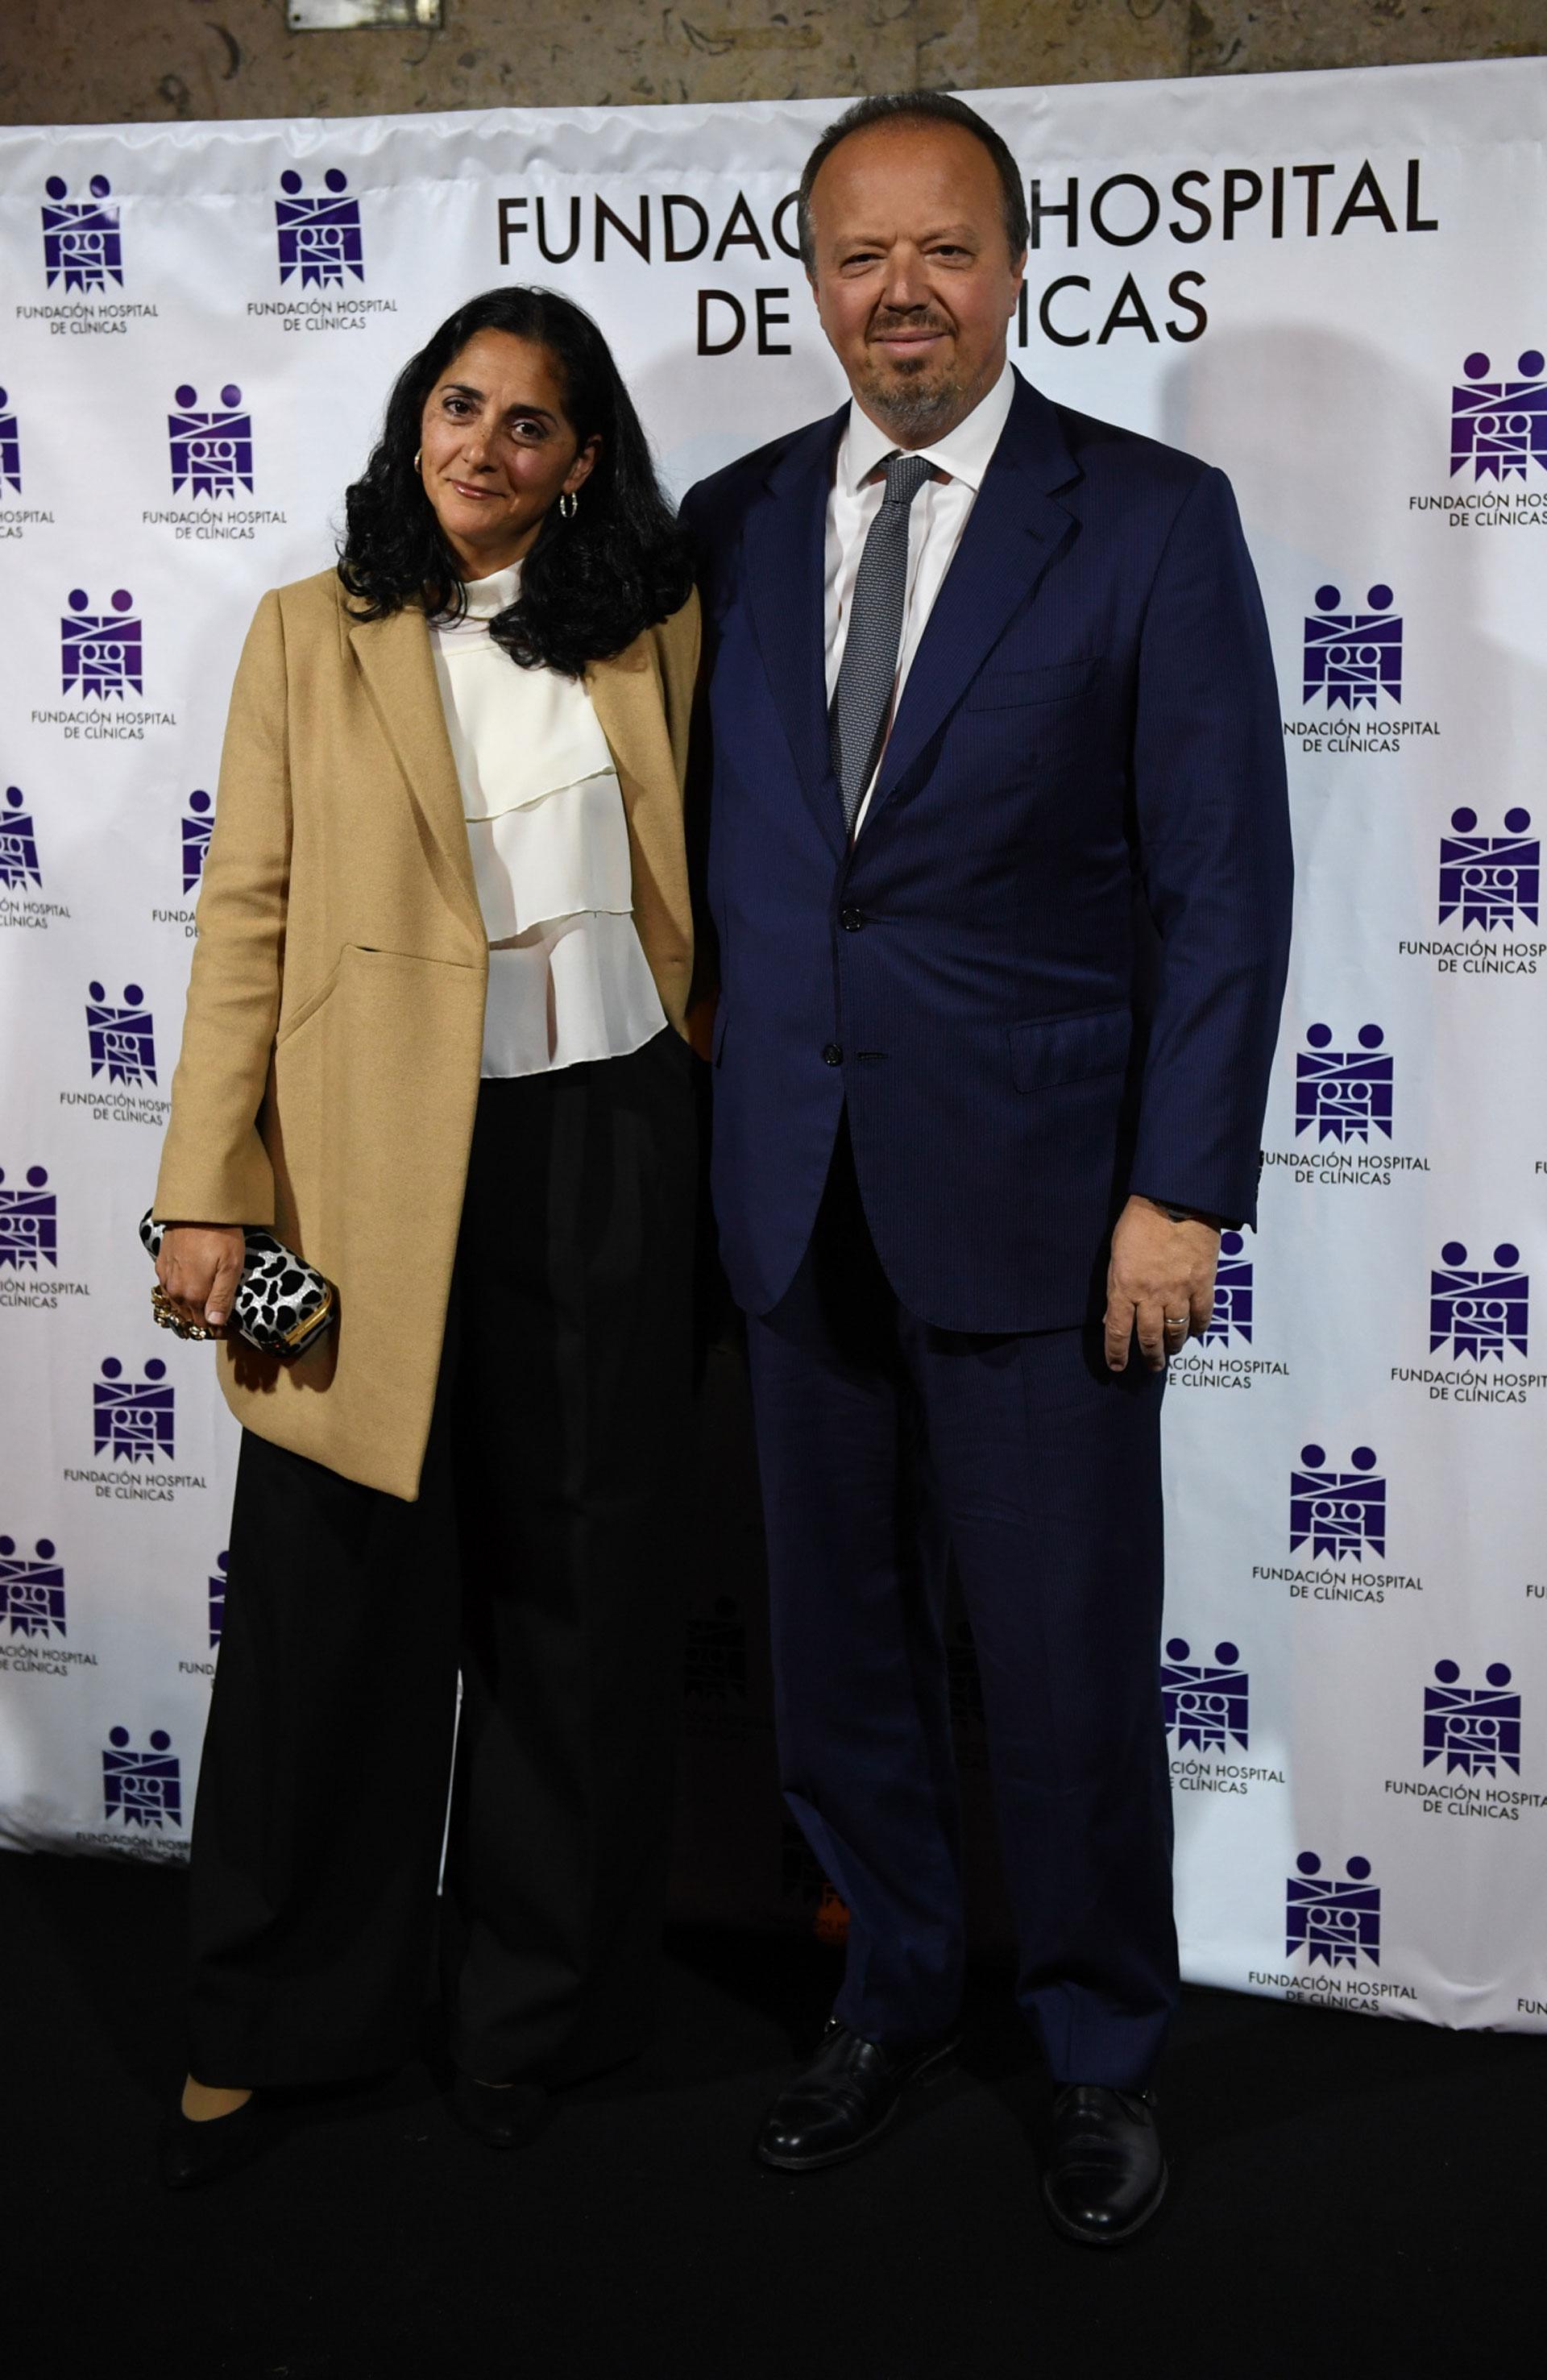 Juan Nápoli y su mujer María Laura Cristinz